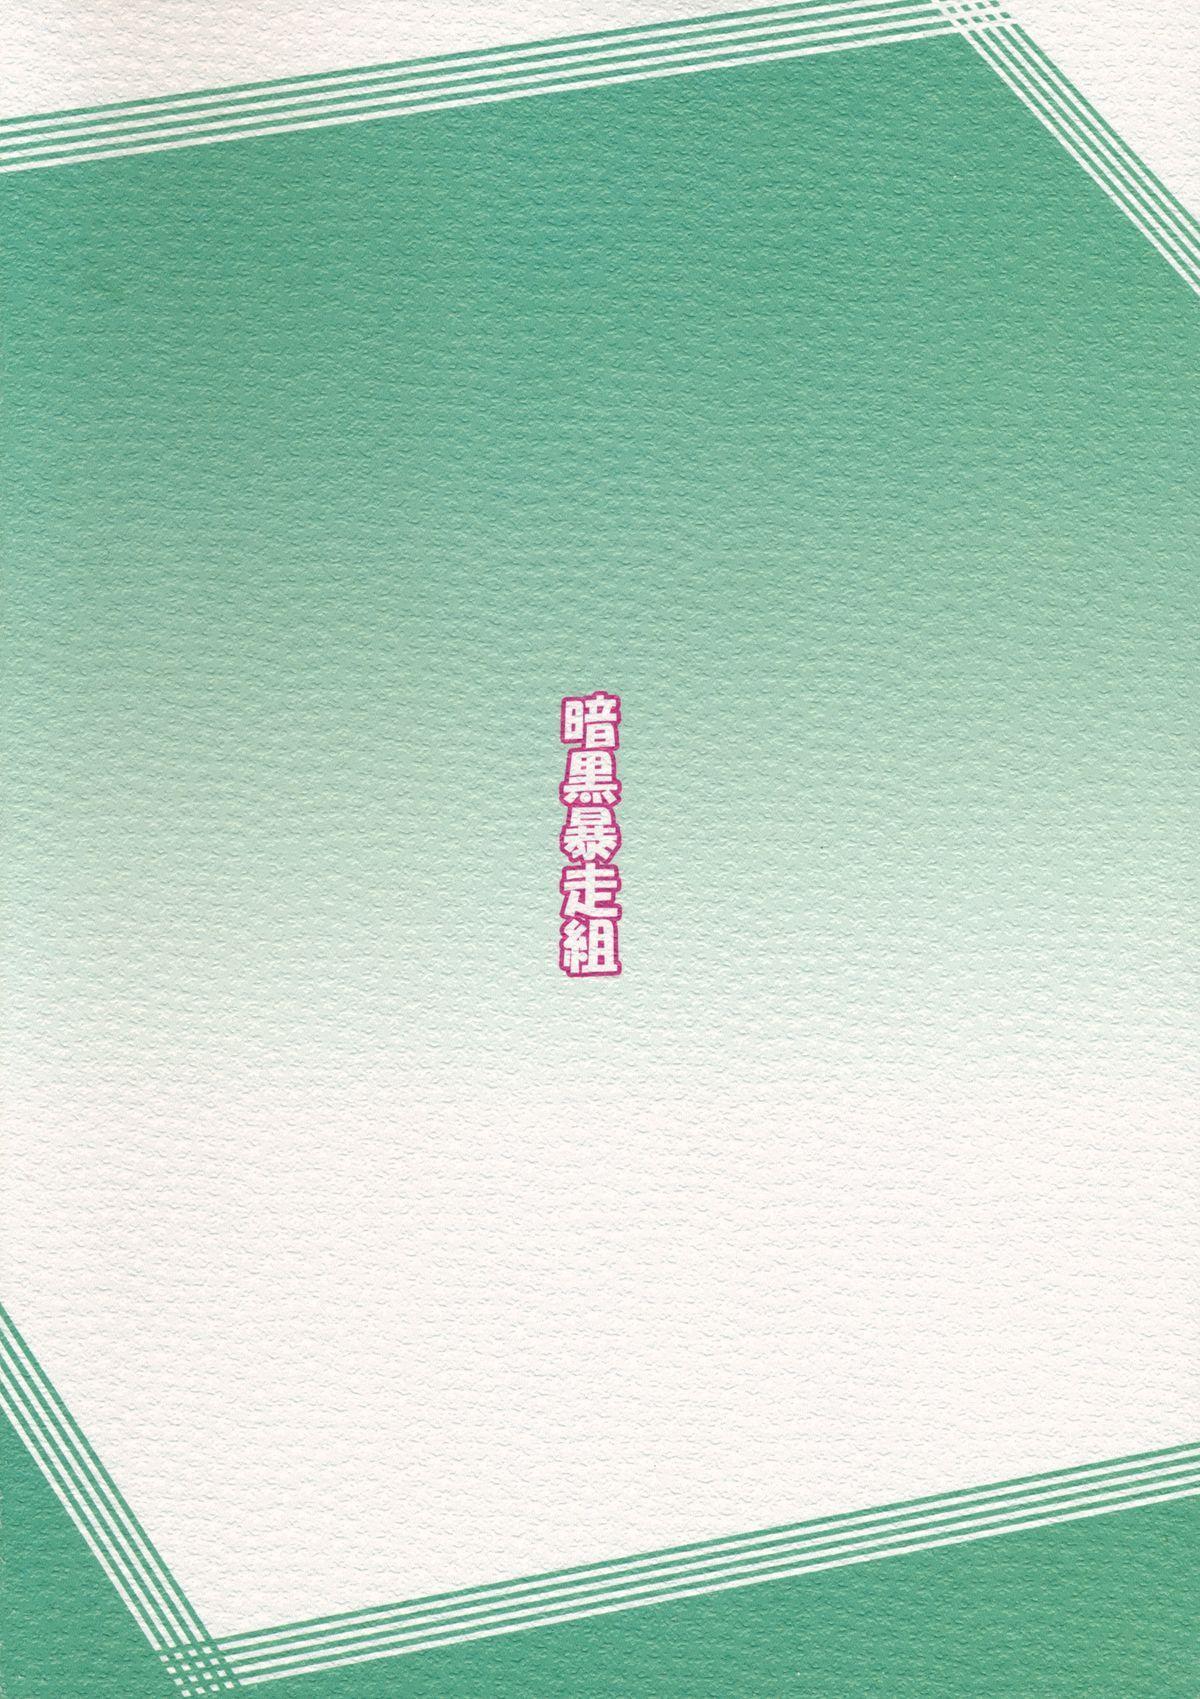 Myon na Kayoizuma 5 Yome, Mui chai mashita. 25